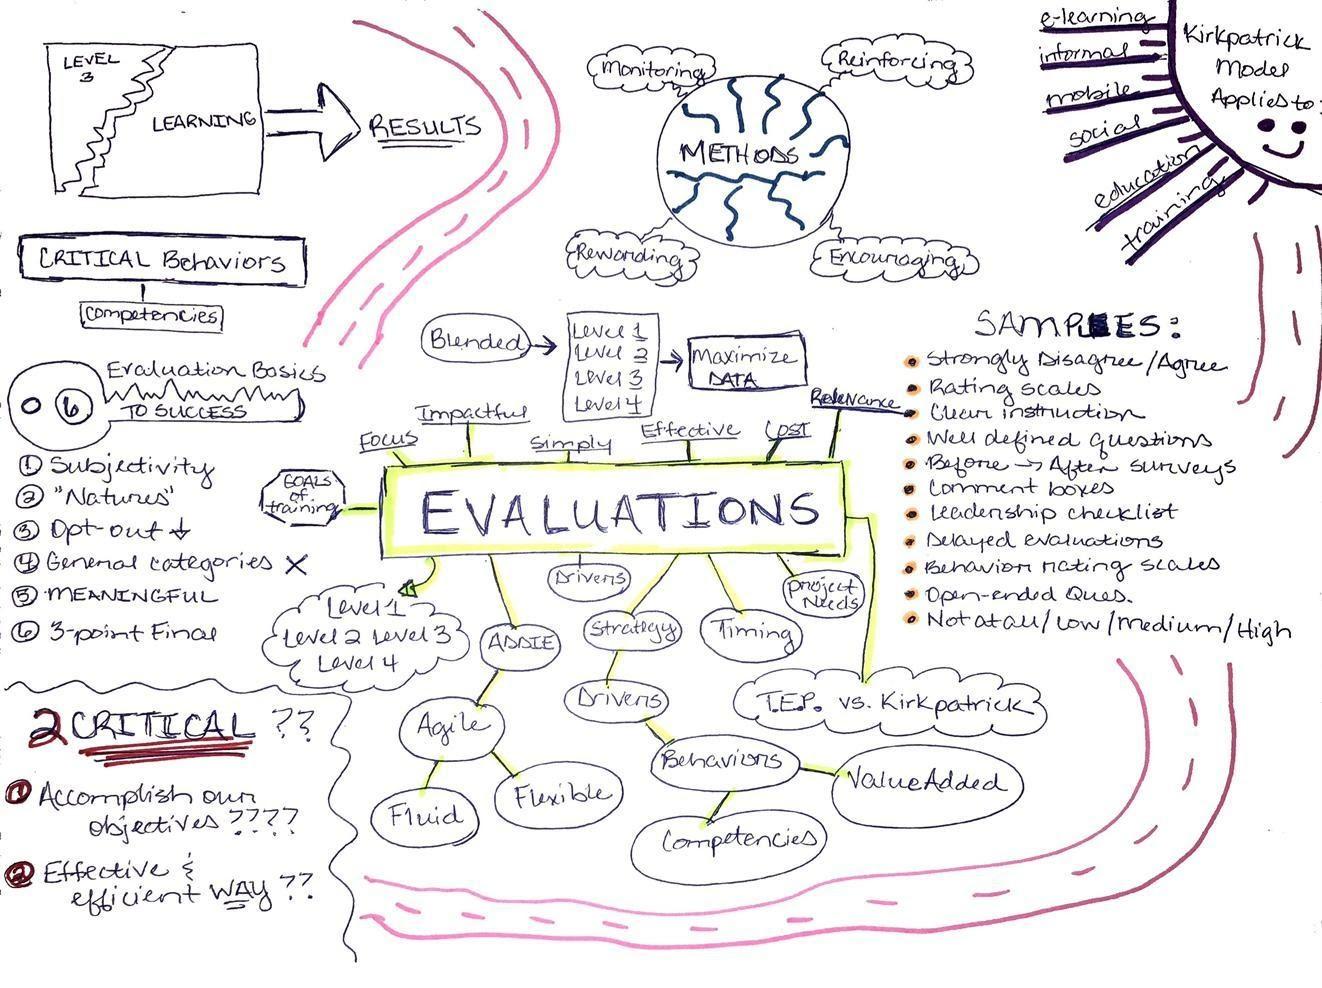 Example of sketchnotes (visual notes)